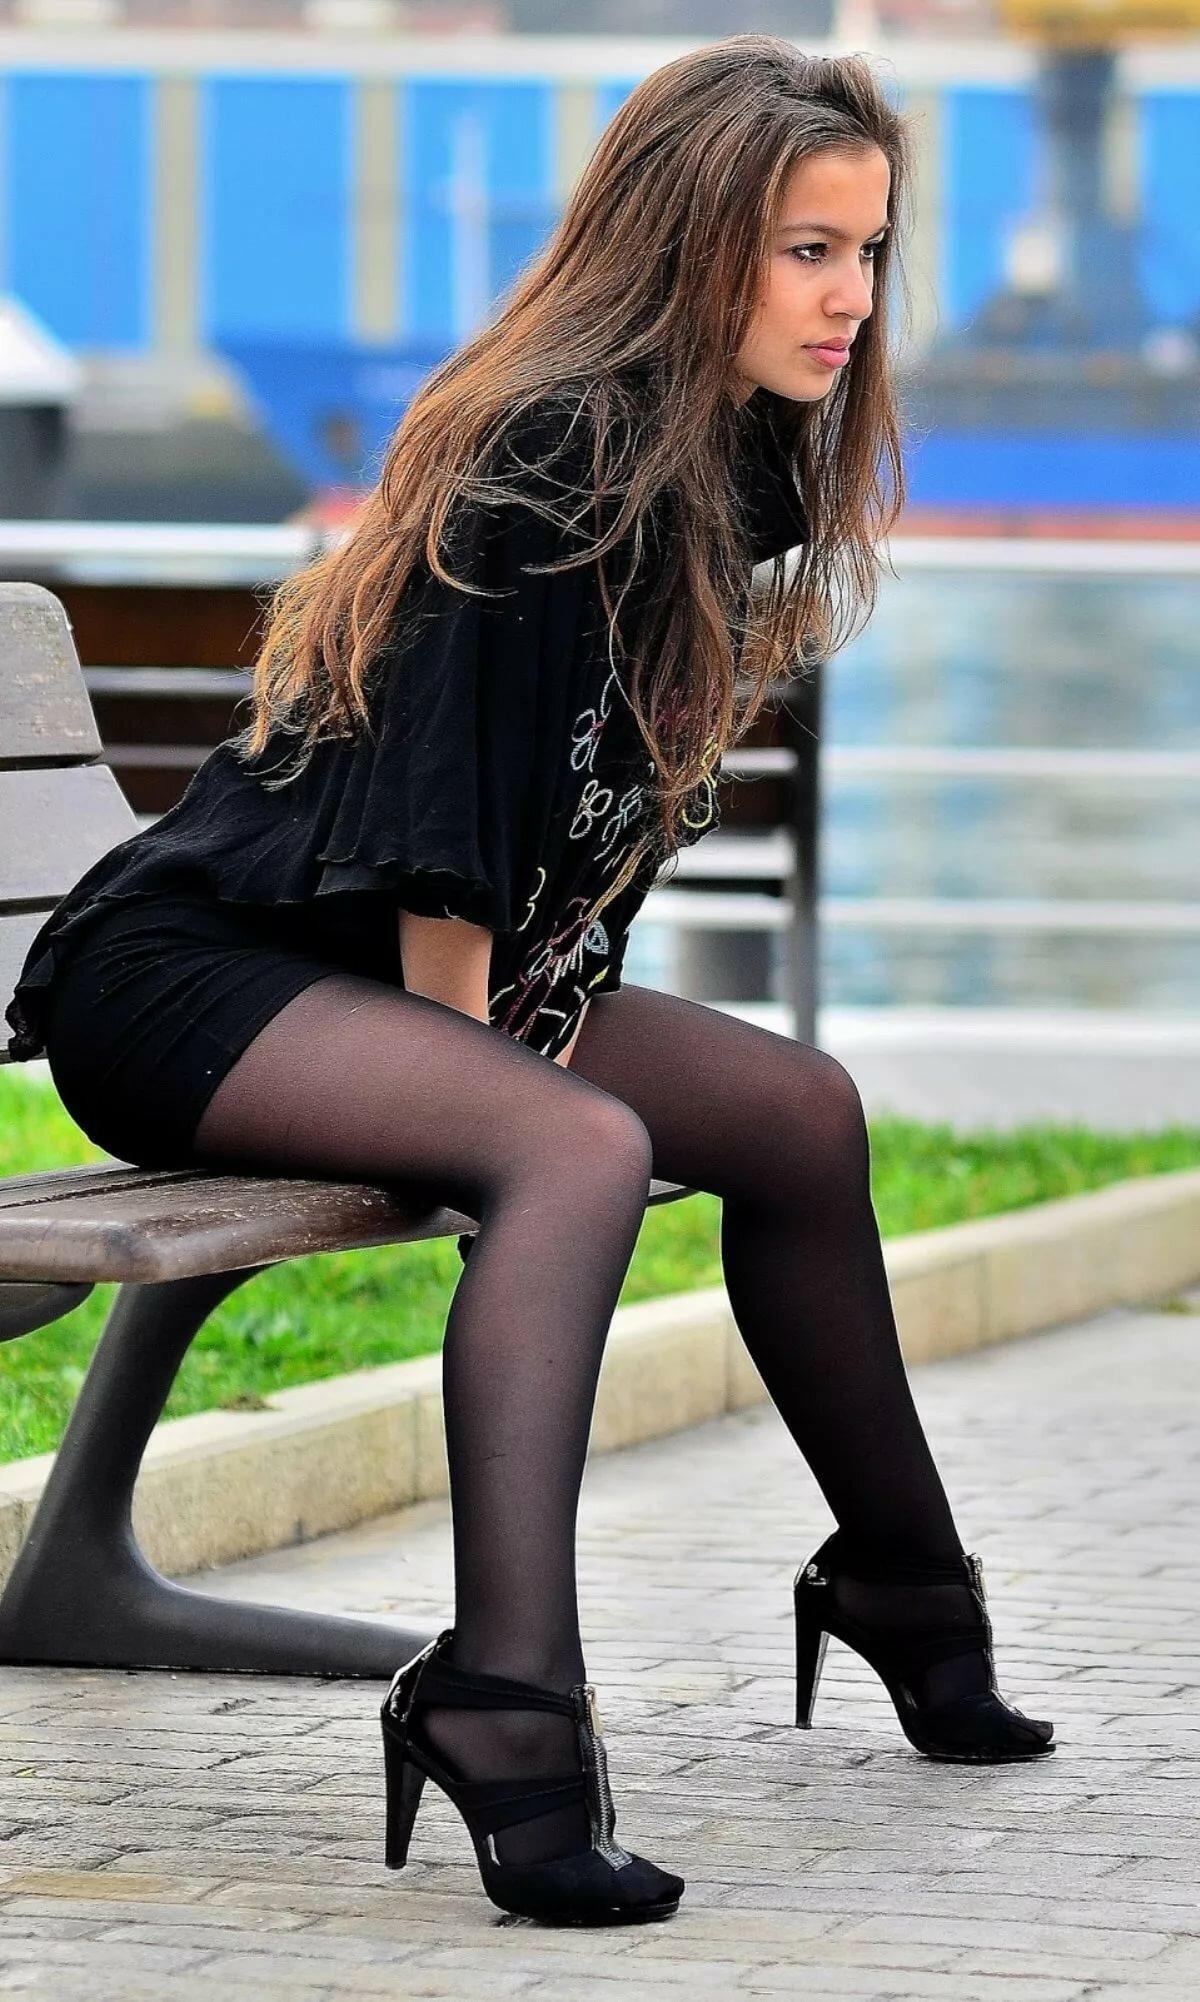 смотреть красивая девушка в юбке и колготках курит там будет проще